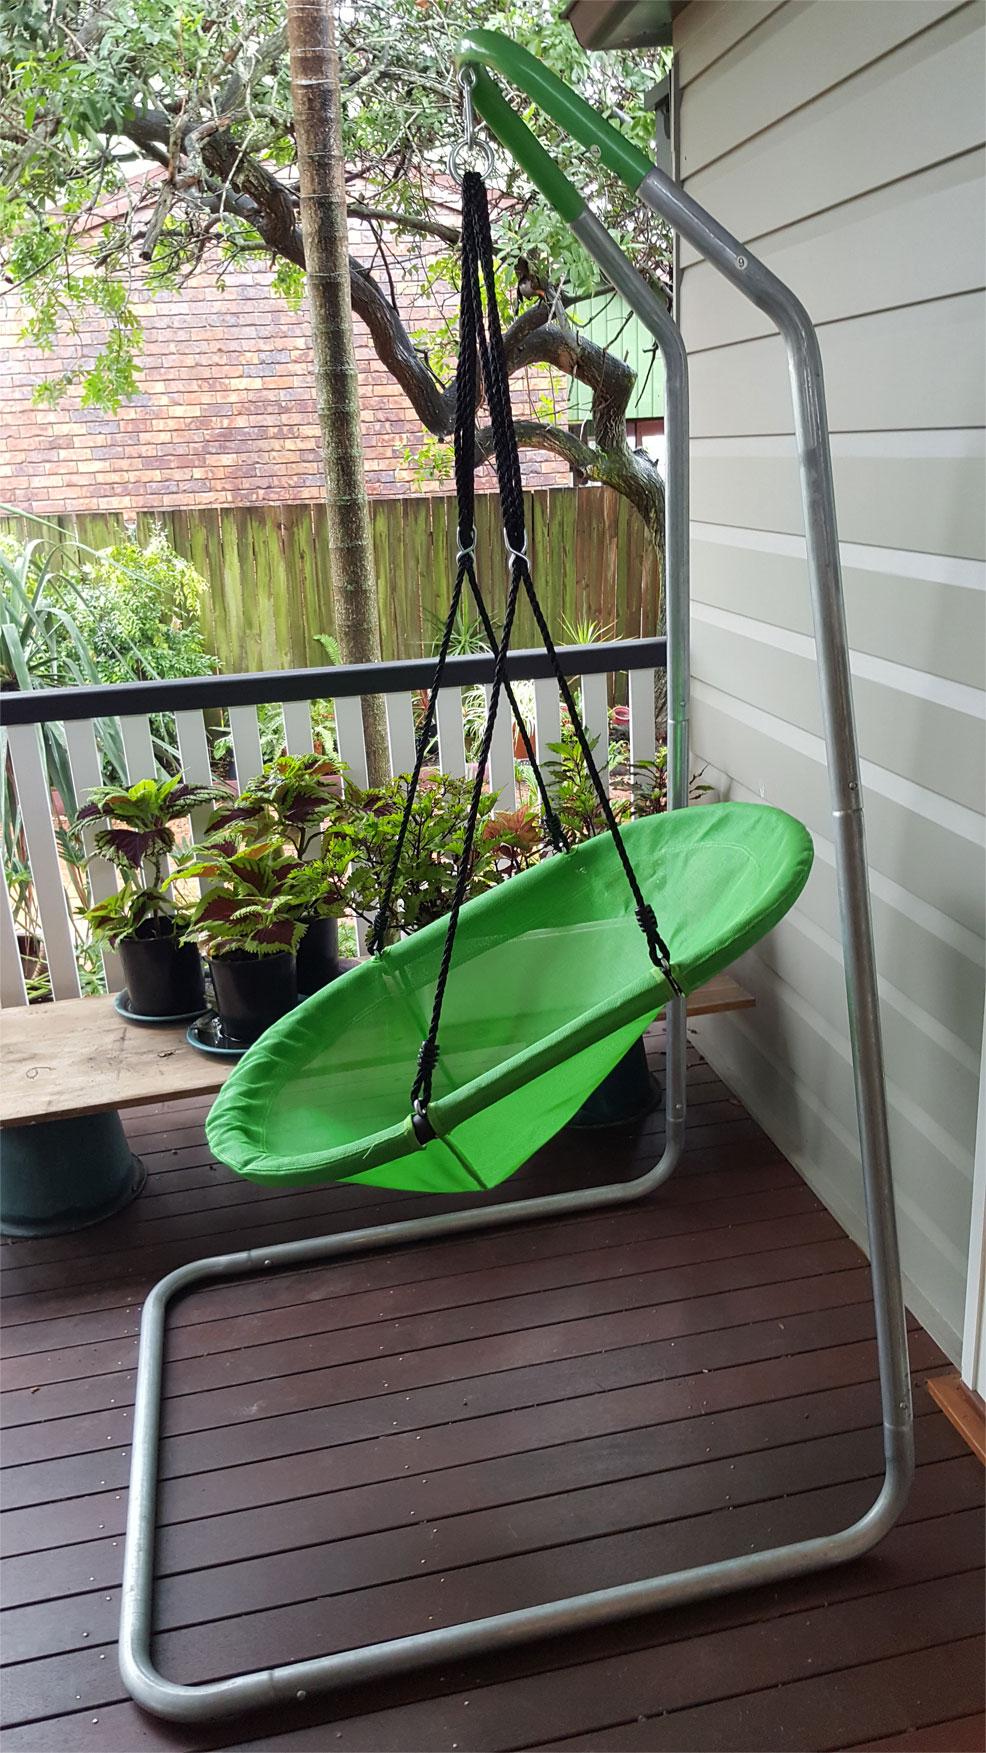 Green Oval Seat Swing  Heavenly Hammocks